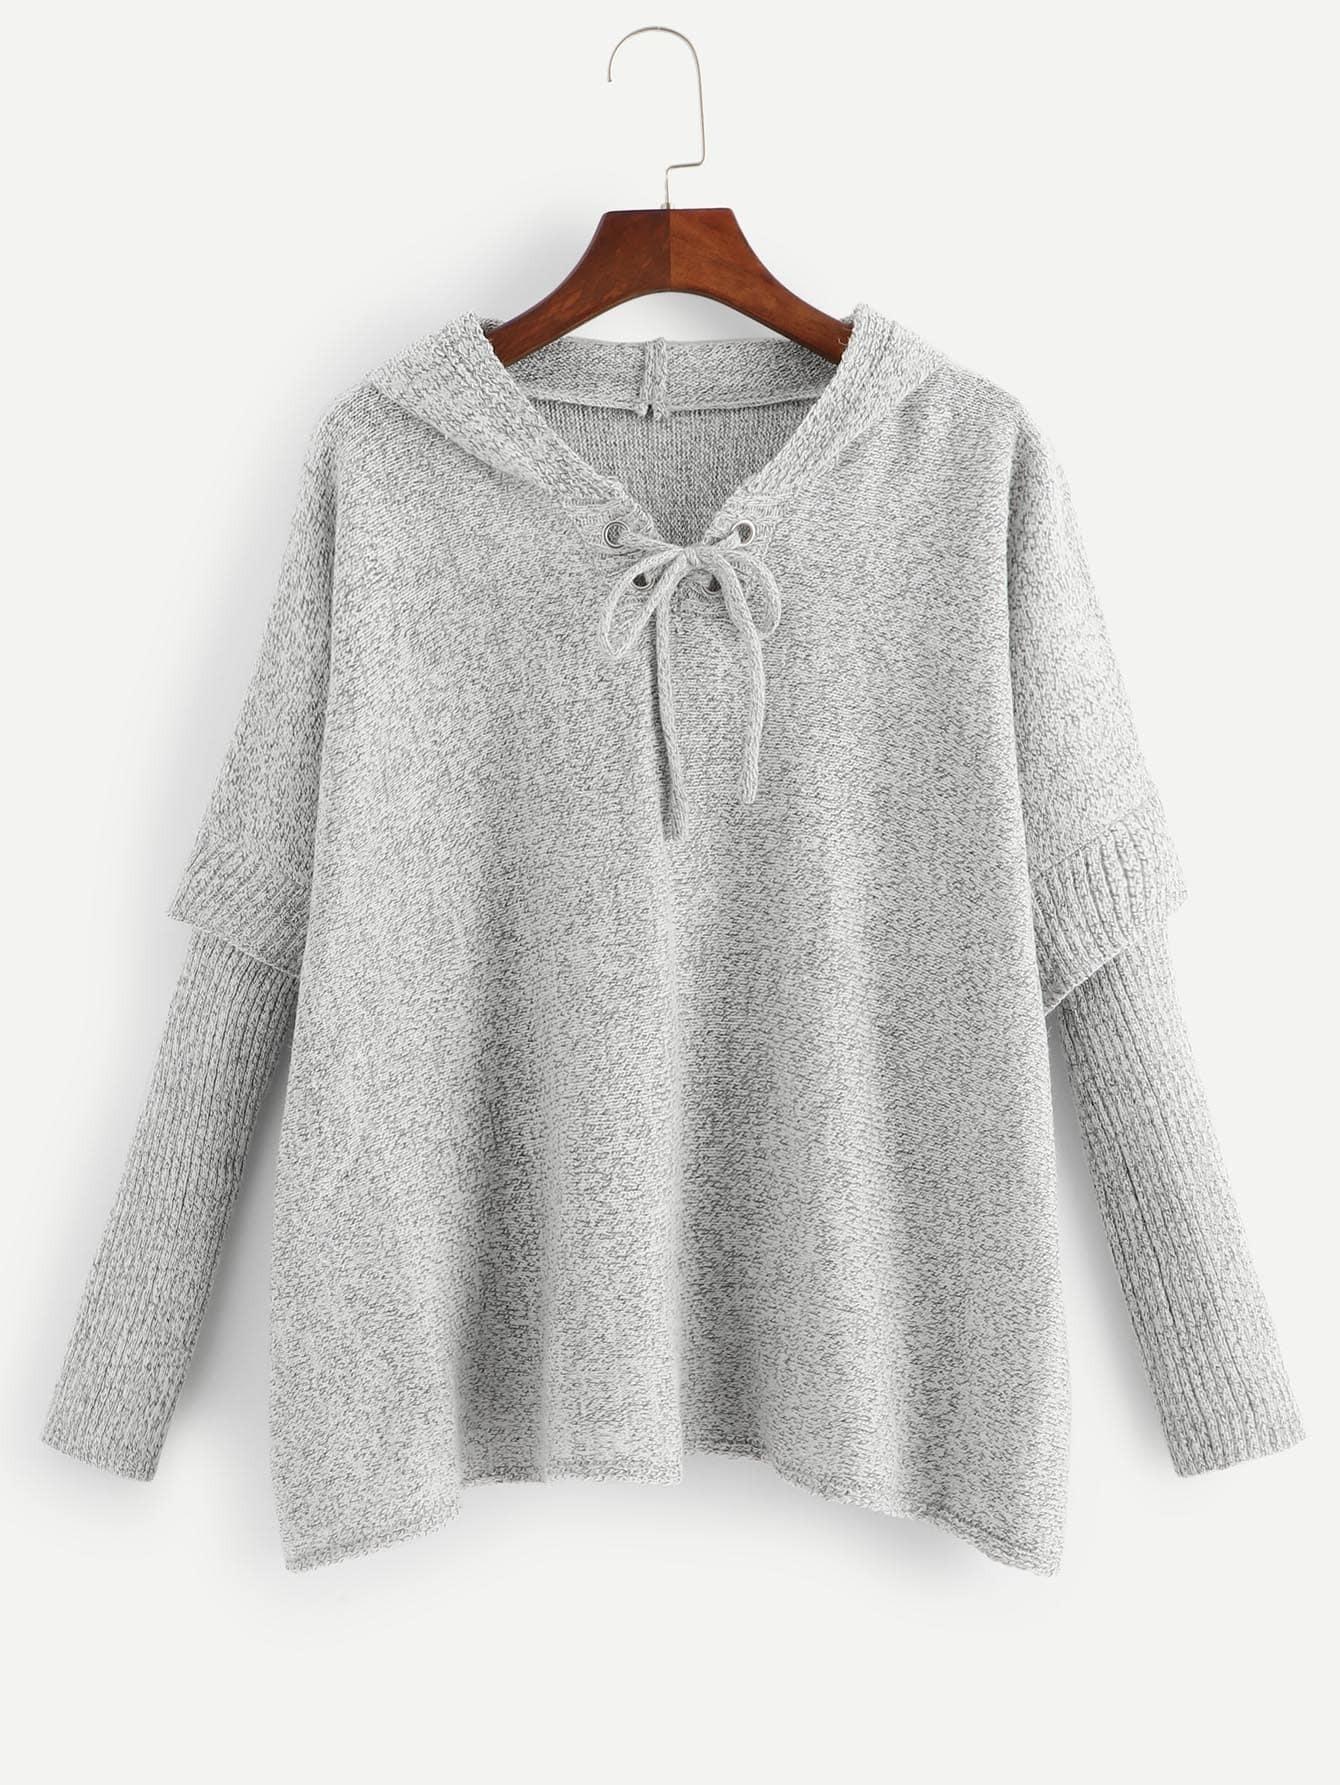 Купить Одноцветный свитер с капюшоном на шнуровке, null, SheIn